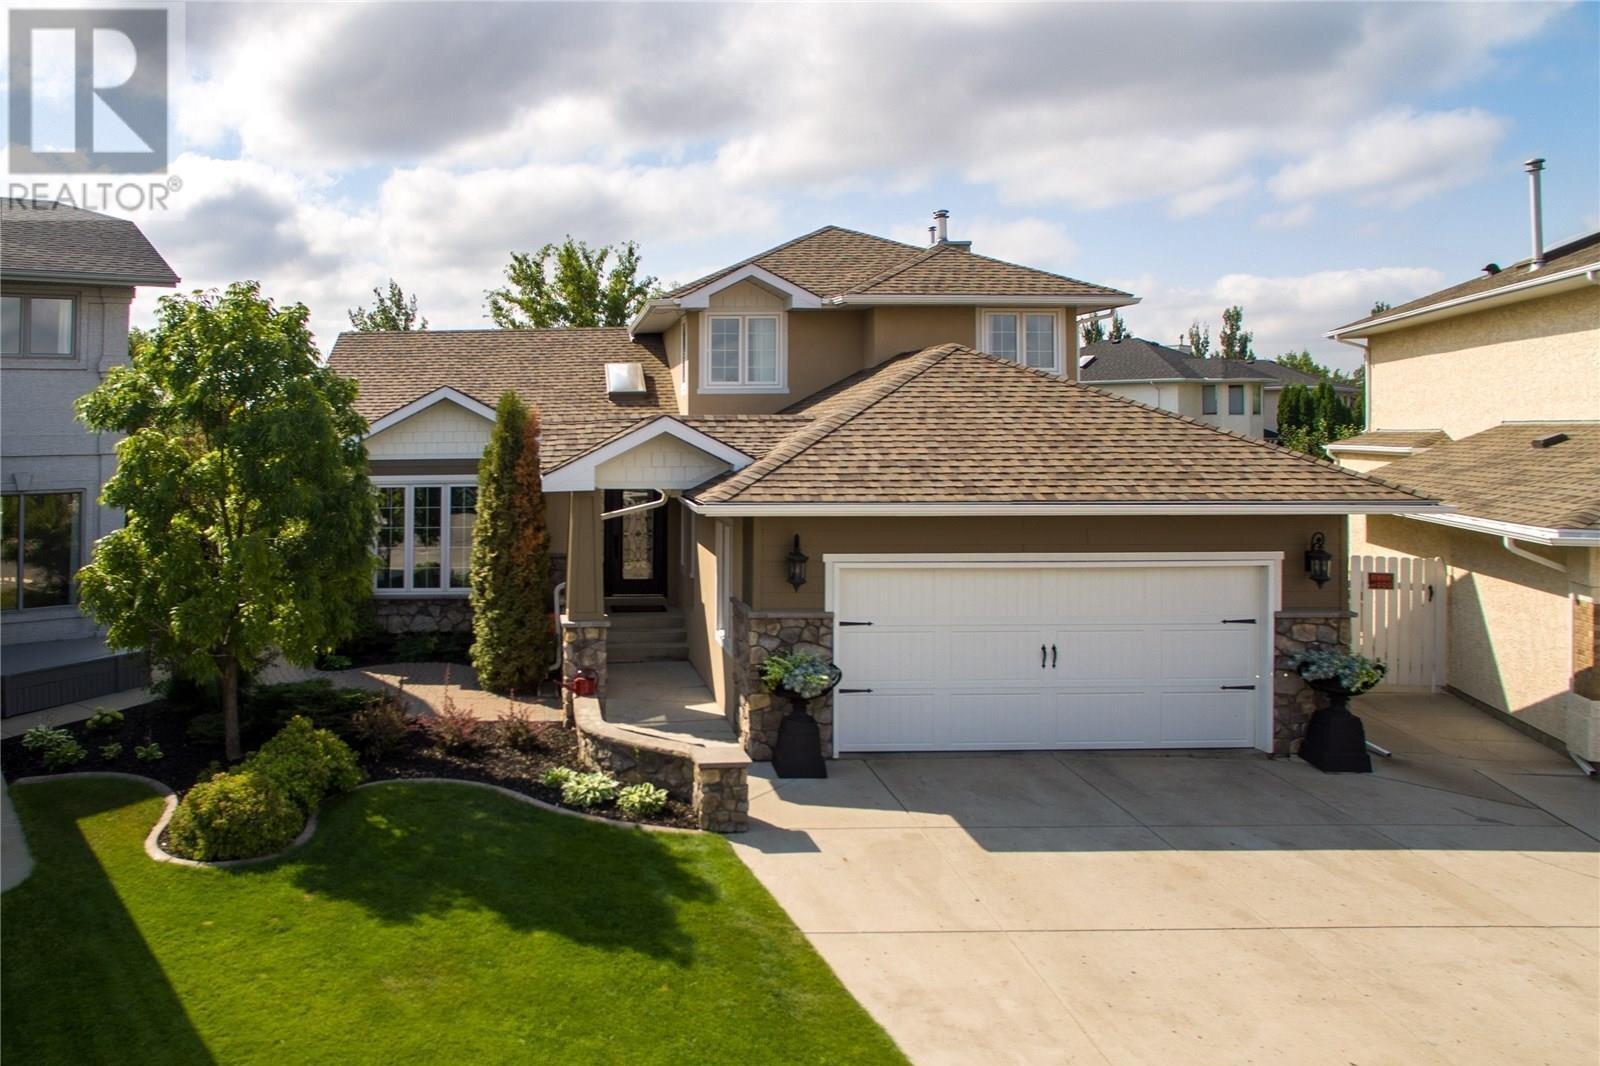 House for sale at 122 Mcfarland Pl Saskatoon Saskatchewan - MLS: SK839349